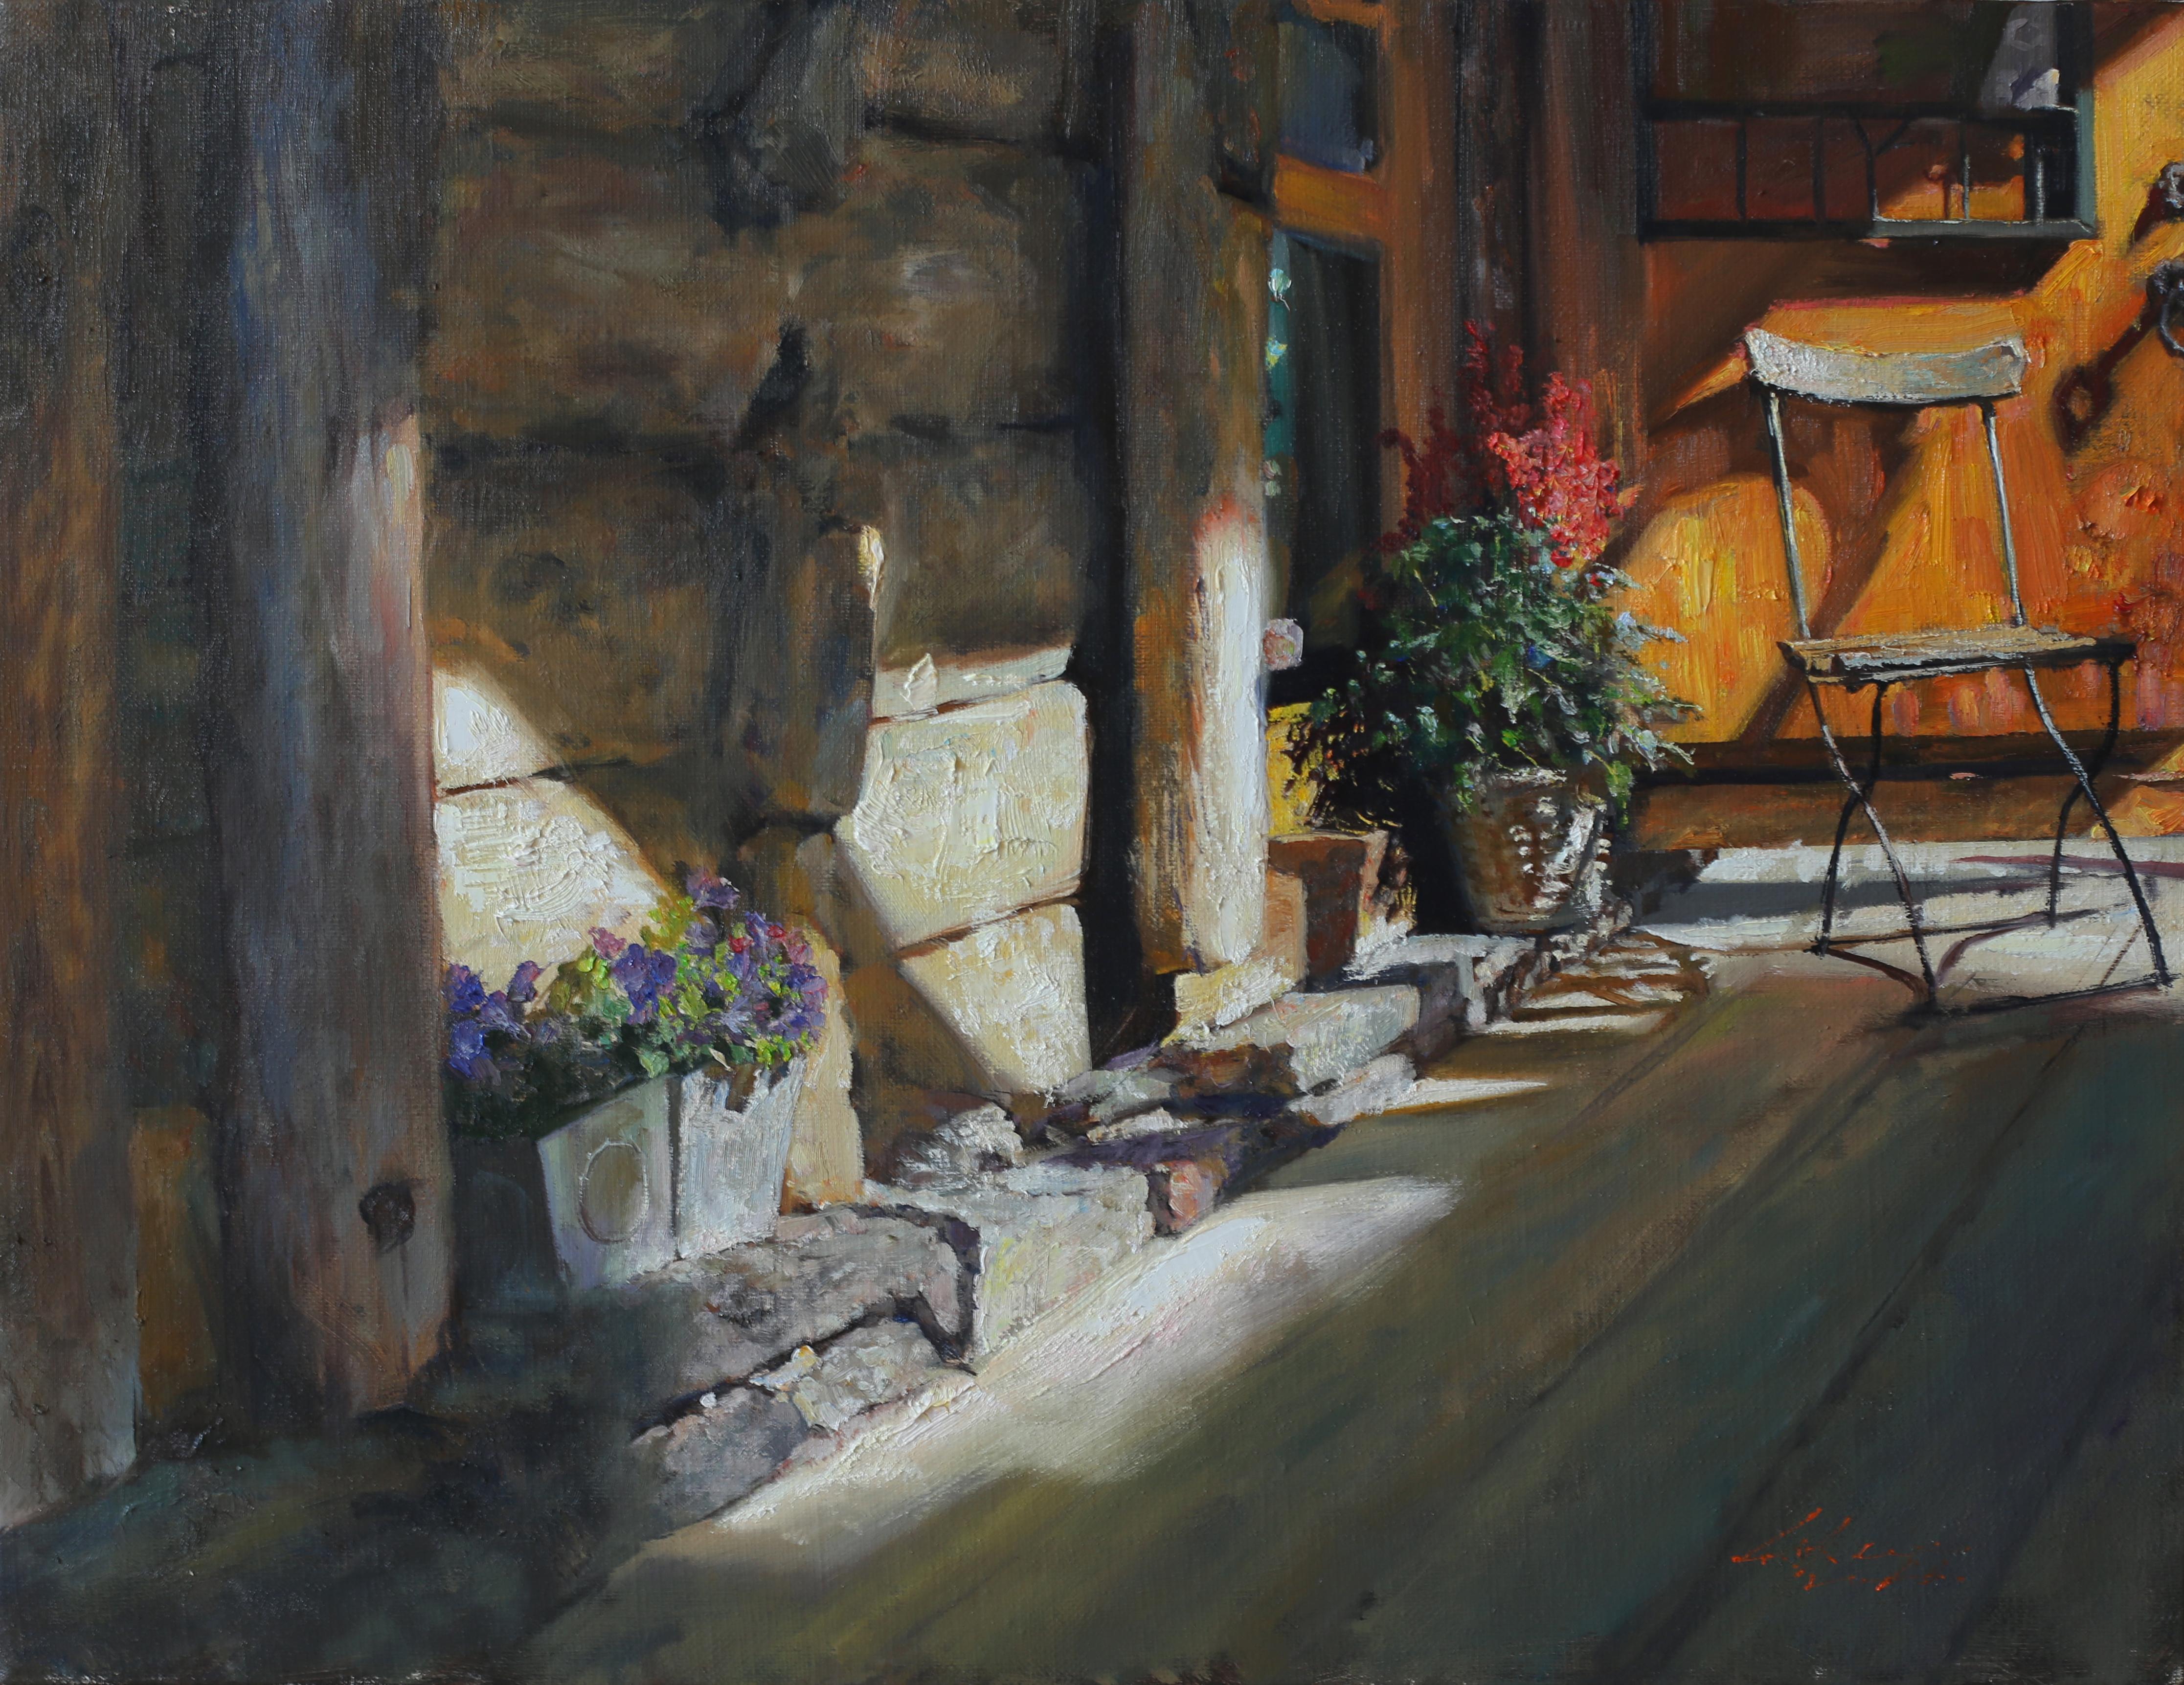 휴식 53x40.9 Oil on canvas 2016